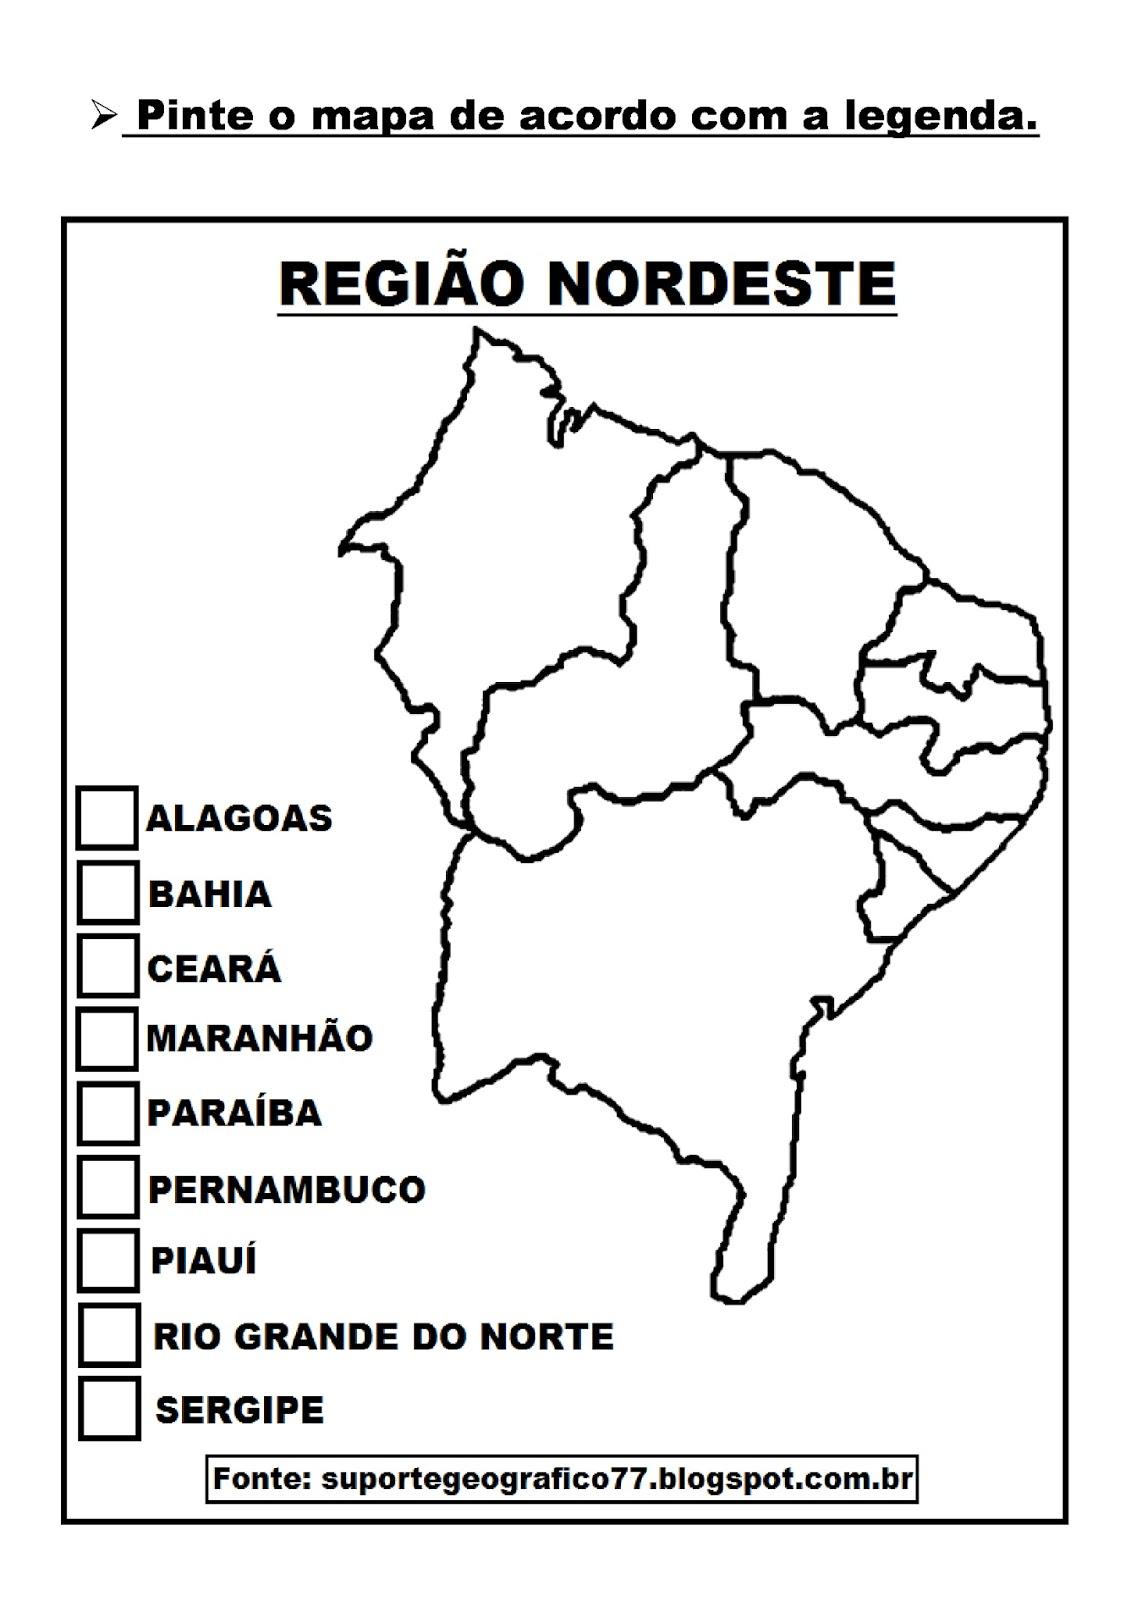 ATIVIDADES SOBRE A REGIÃO NORDESTE